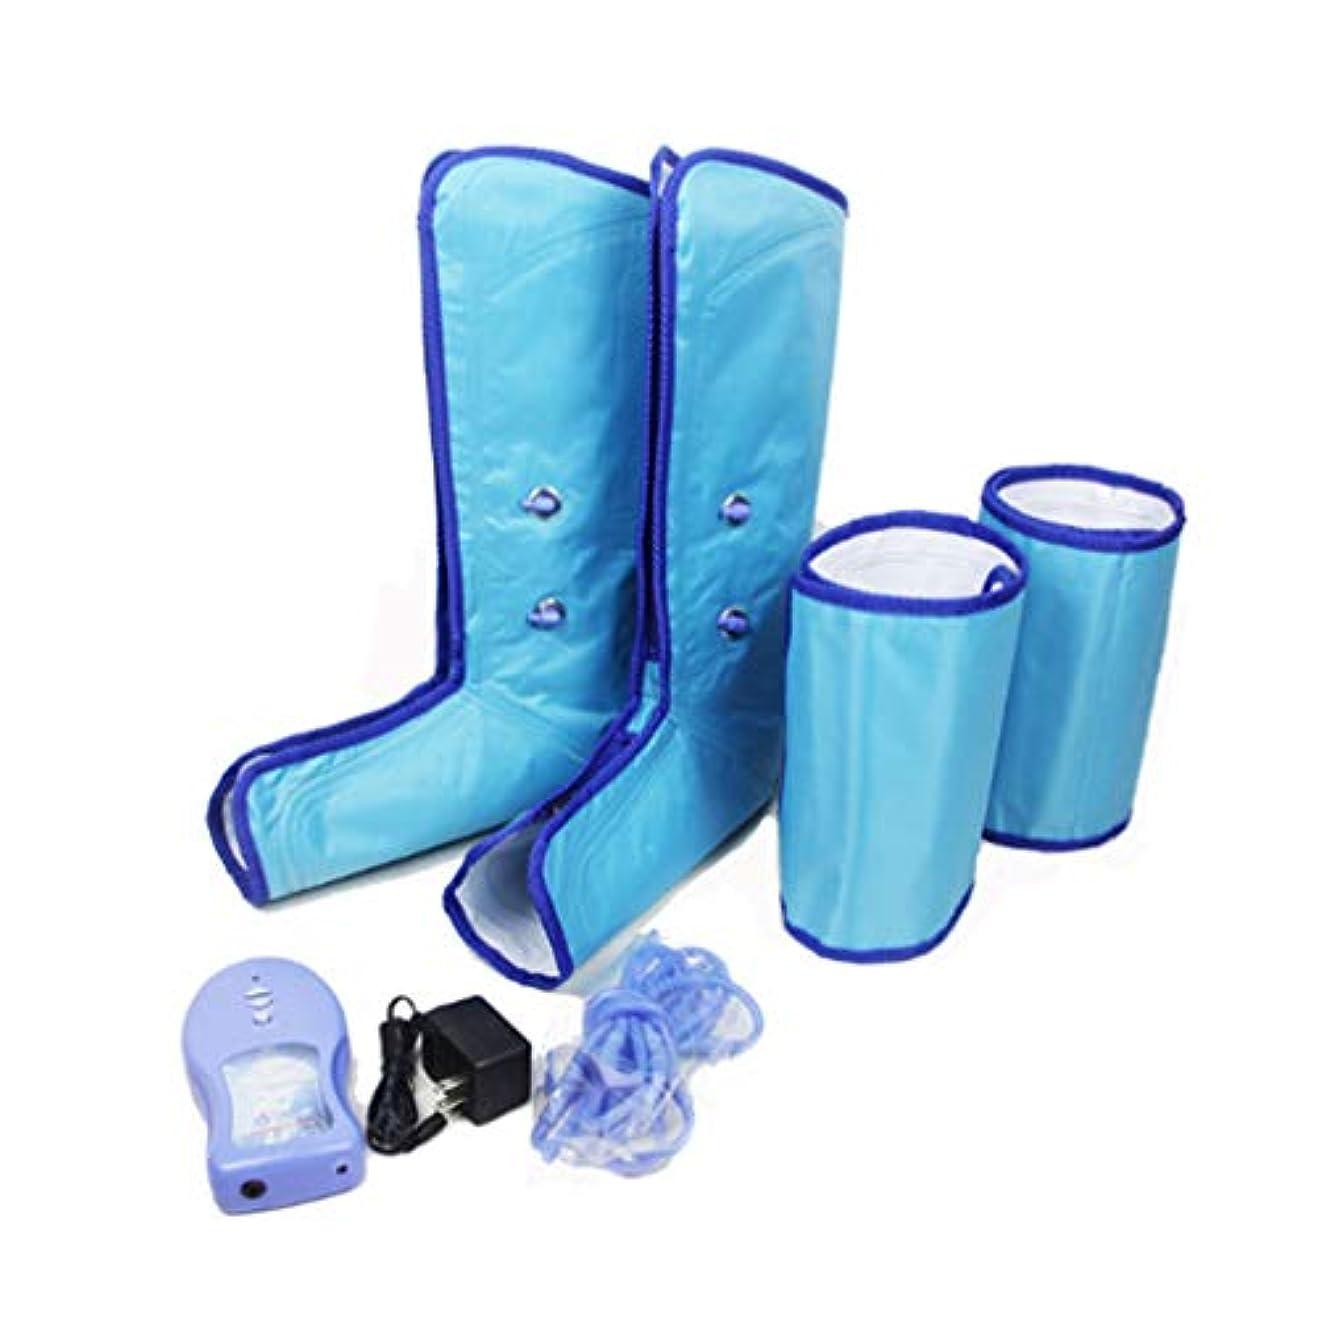 佐賀グローバル展開する循環および筋肉苦痛救助のための空気圧縮の足覆いのマッサージャー、足のふくらはぎおよび腿の循環のMassagetherapyの足の暖かい人